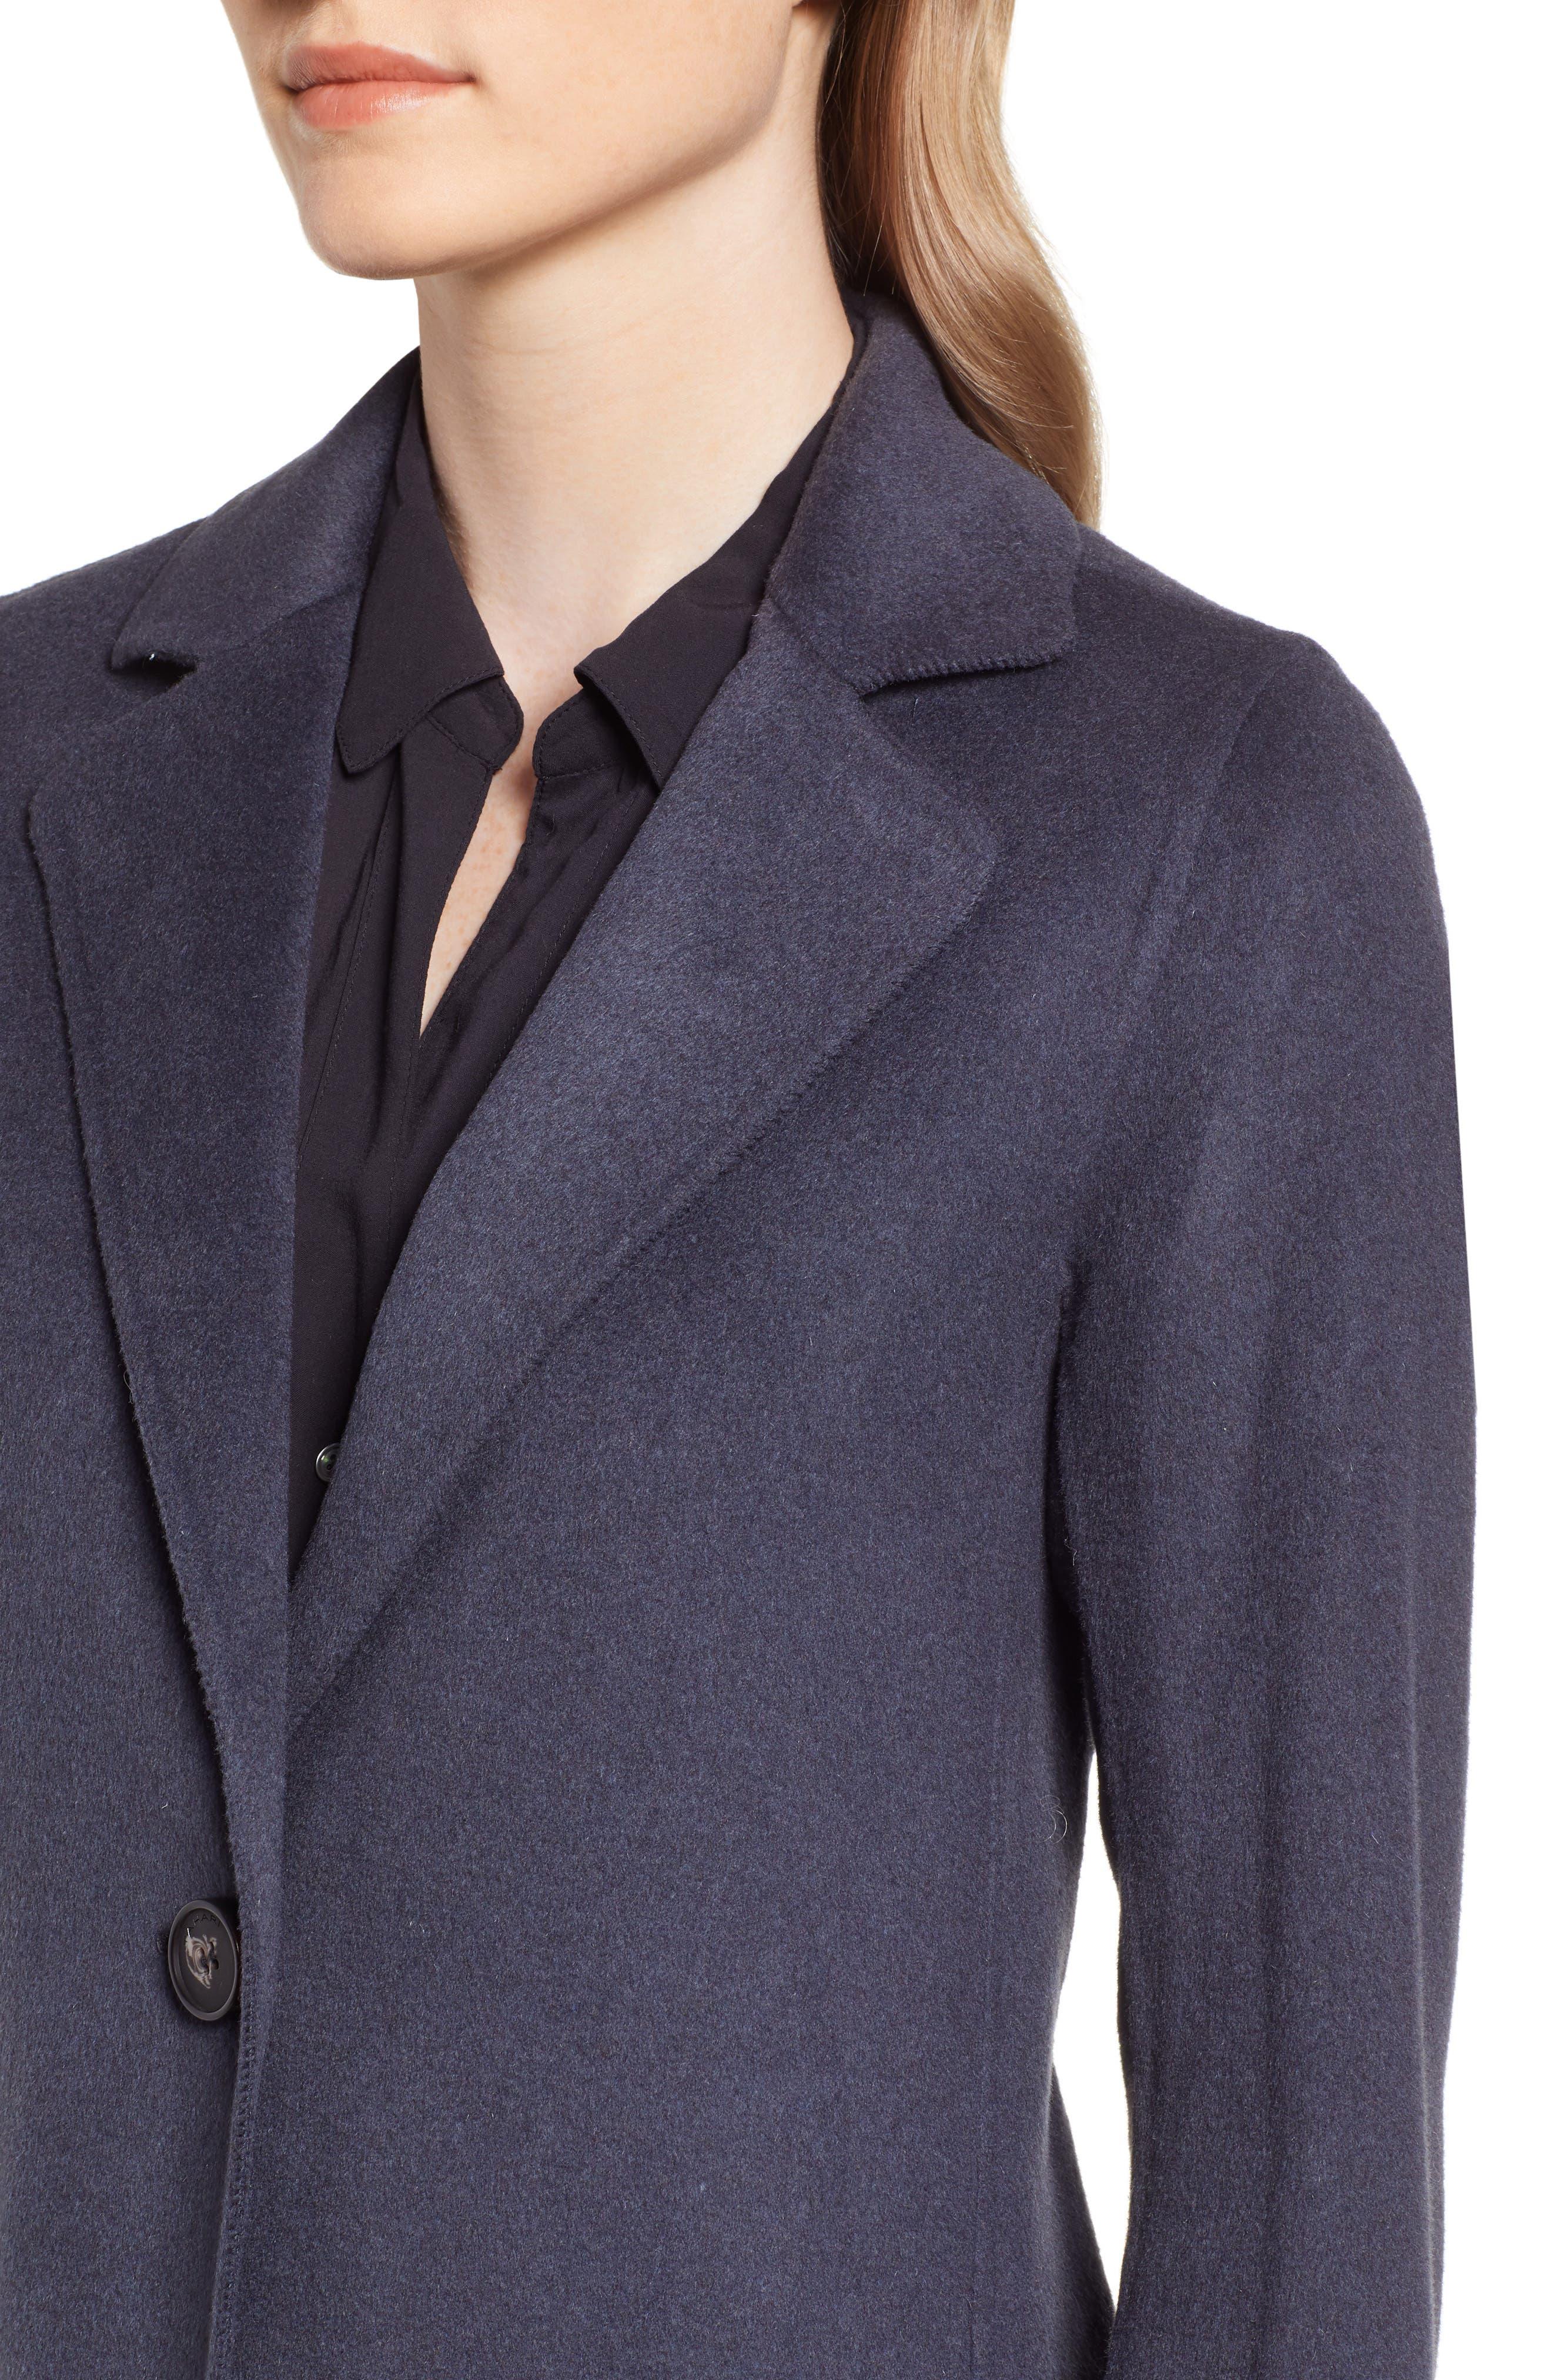 Jayden Bell Sleeve Jacket,                             Alternate thumbnail 4, color,                             SEA GREY